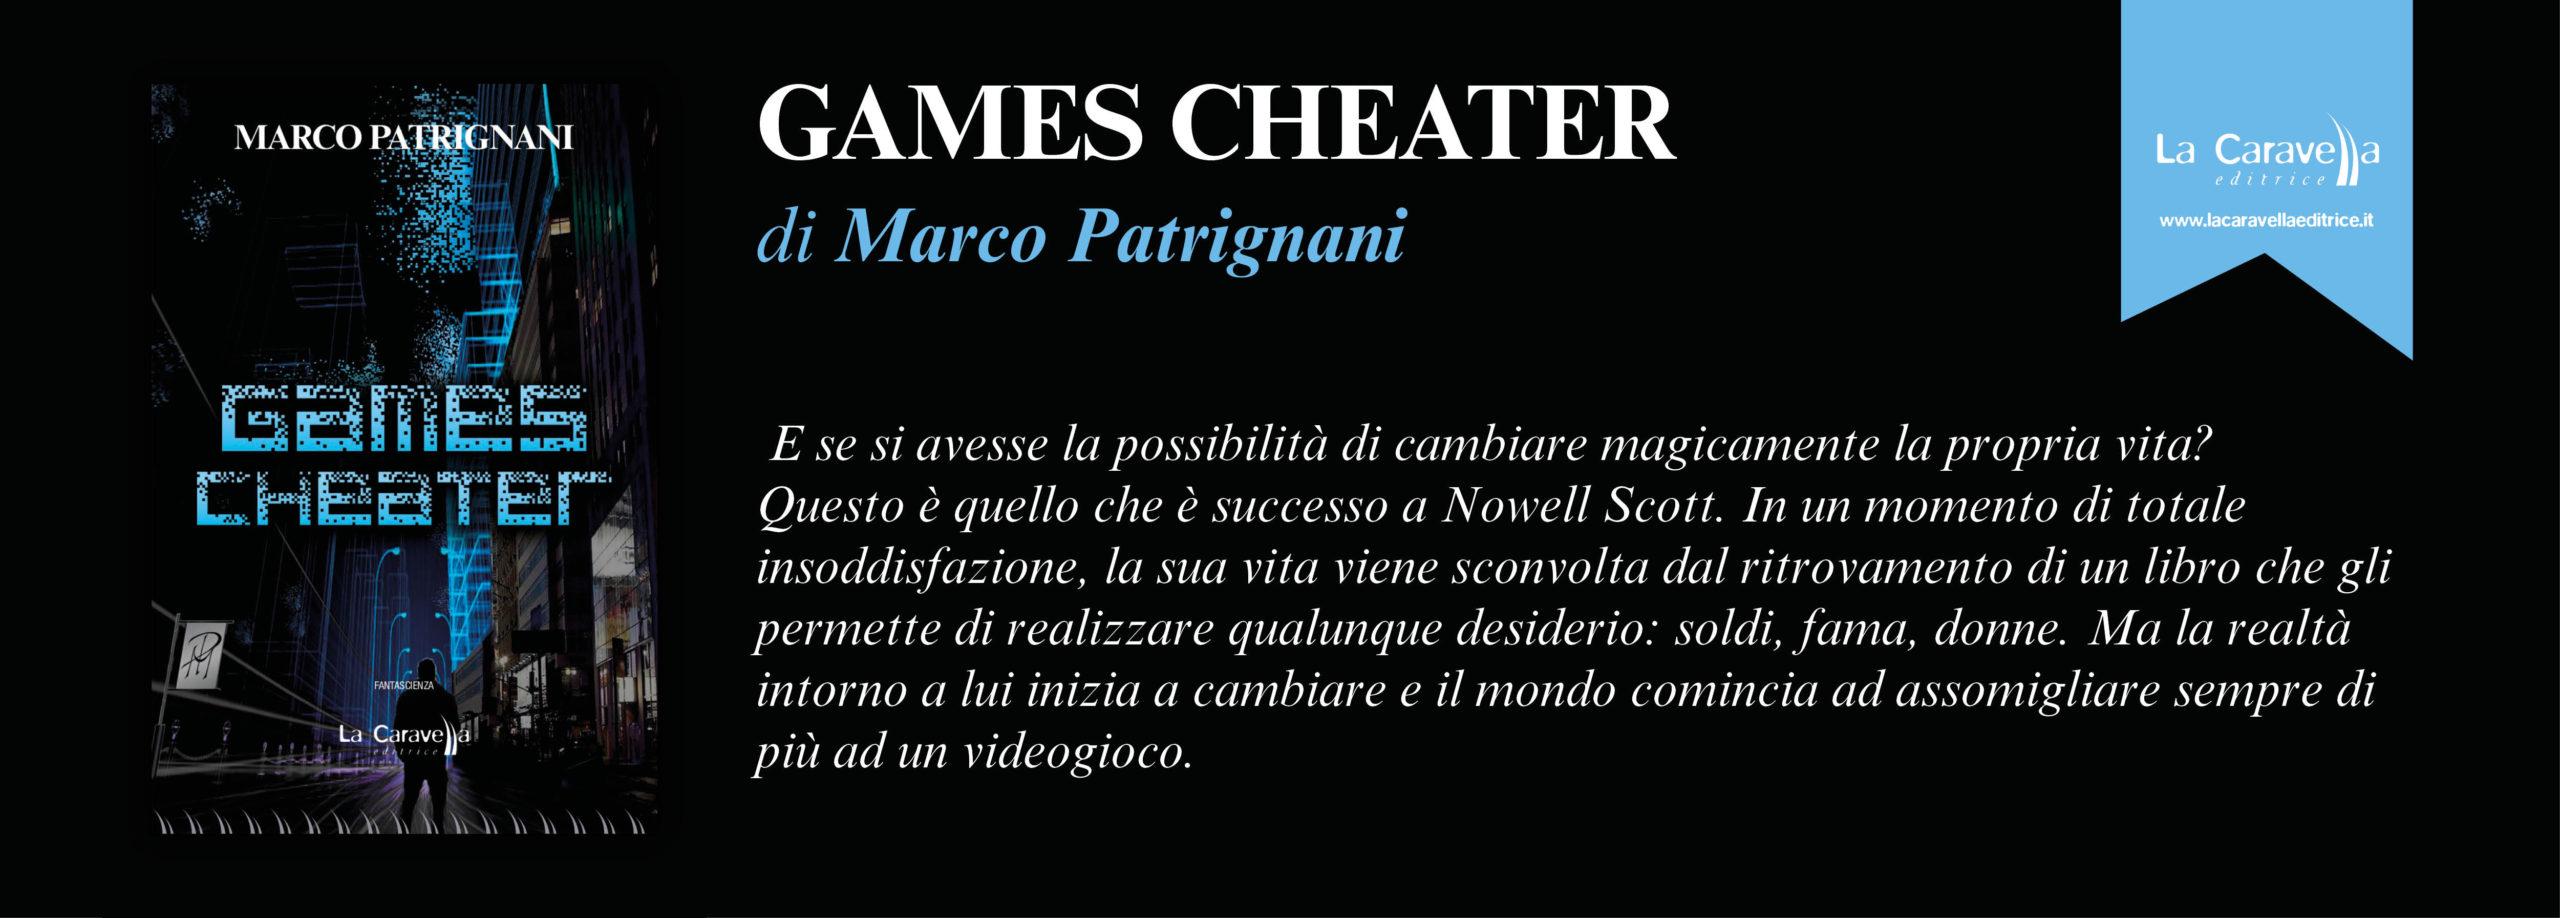 NUOVE USCITE: GAMES CHEATER di Marco Patrignani